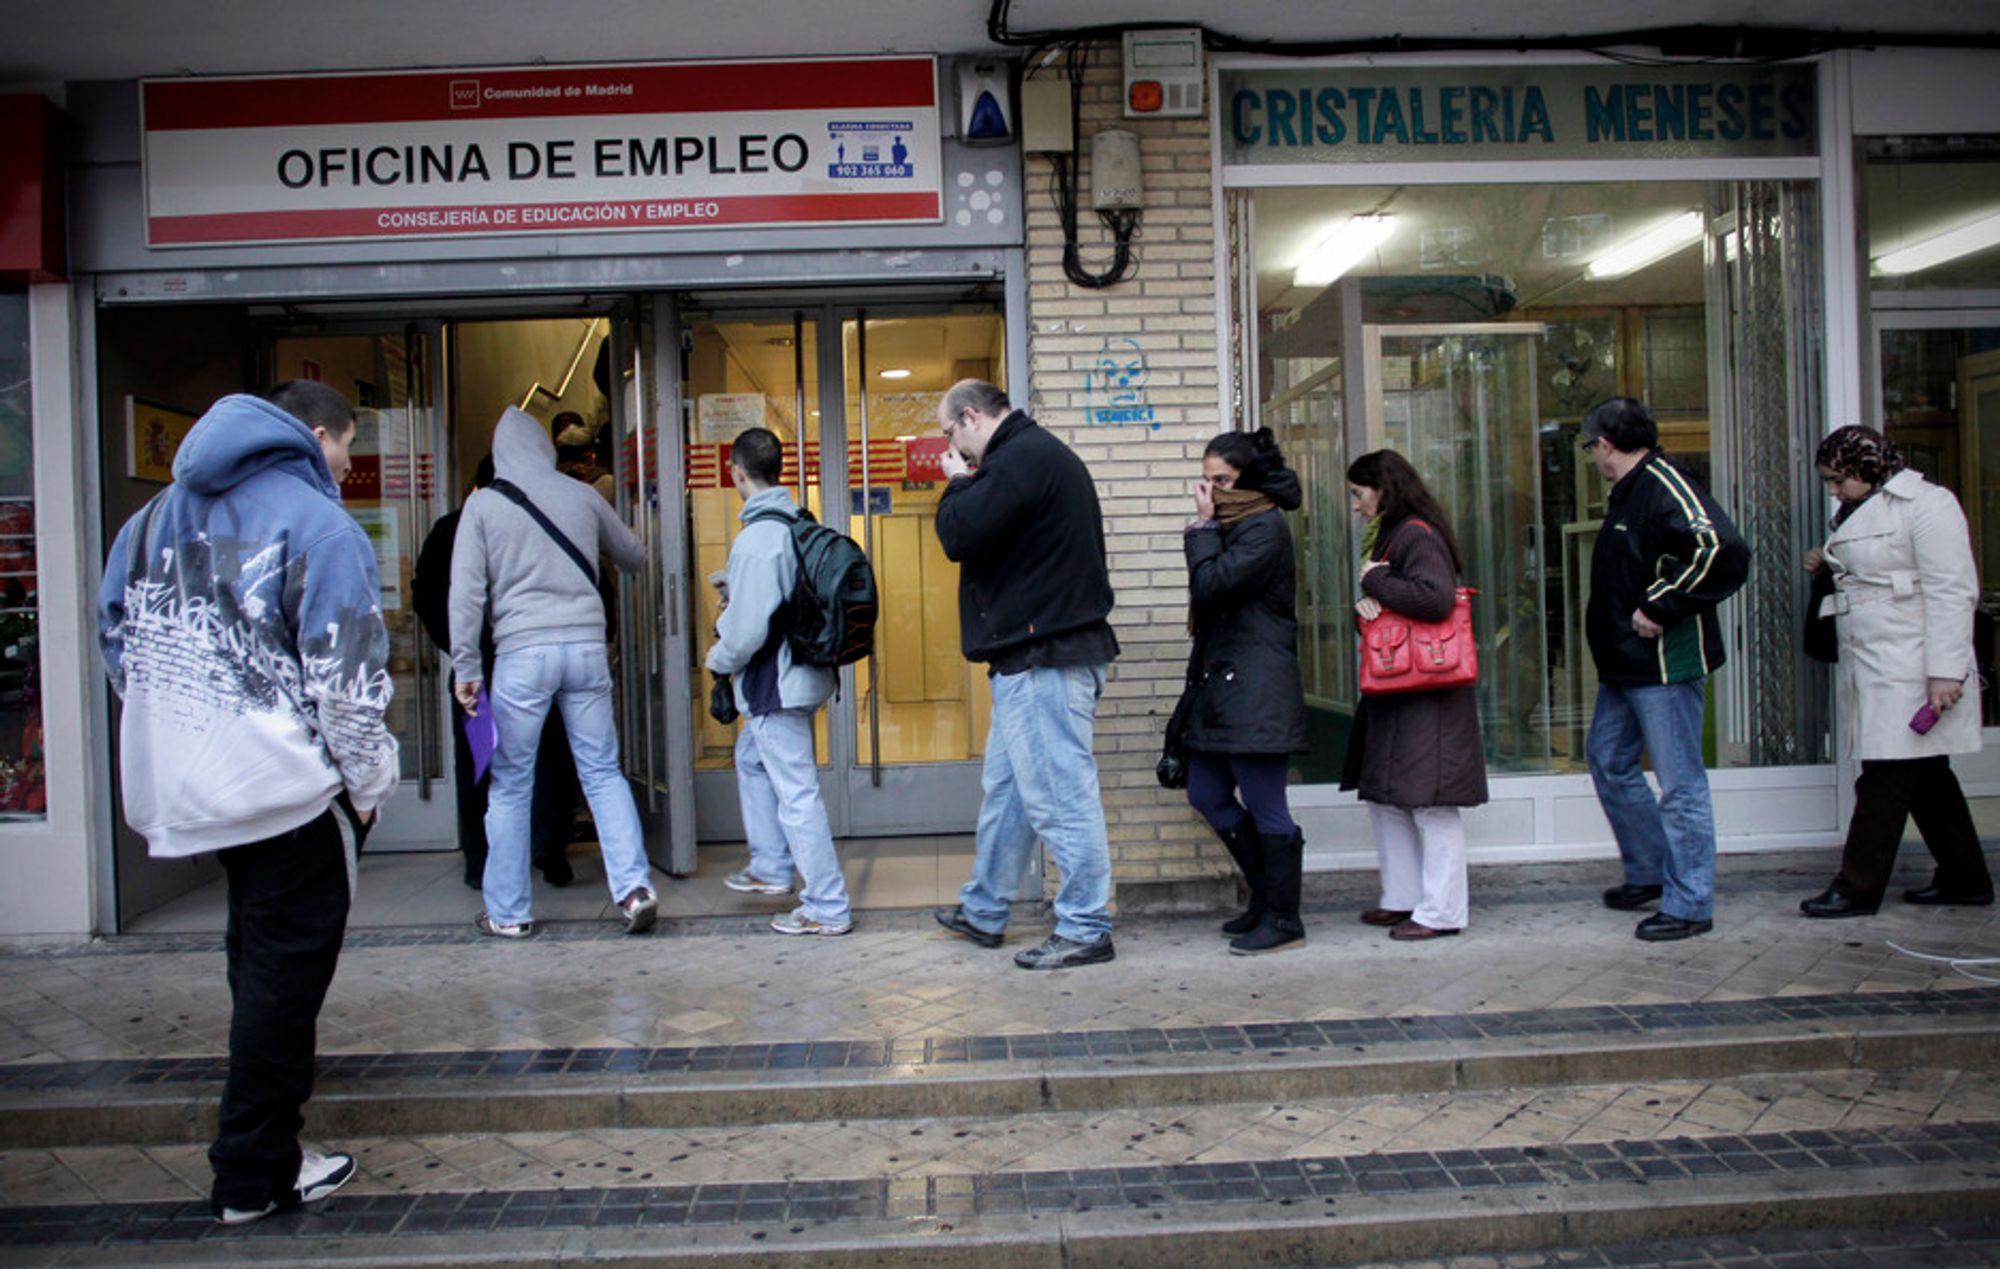 TUNGE TIDER: Arbeidsledige i kø utenfor et arbeidsformidlingskontor i Madrid, fredag 2. desember 2011. Bare i november økte antallet mennesker som får arbeidsledighetstrygd i Spania med 59.536. Totalt har Spania nå en arbeidsledighet på 21,5 prosent - det høyeste i hele eurosonen.